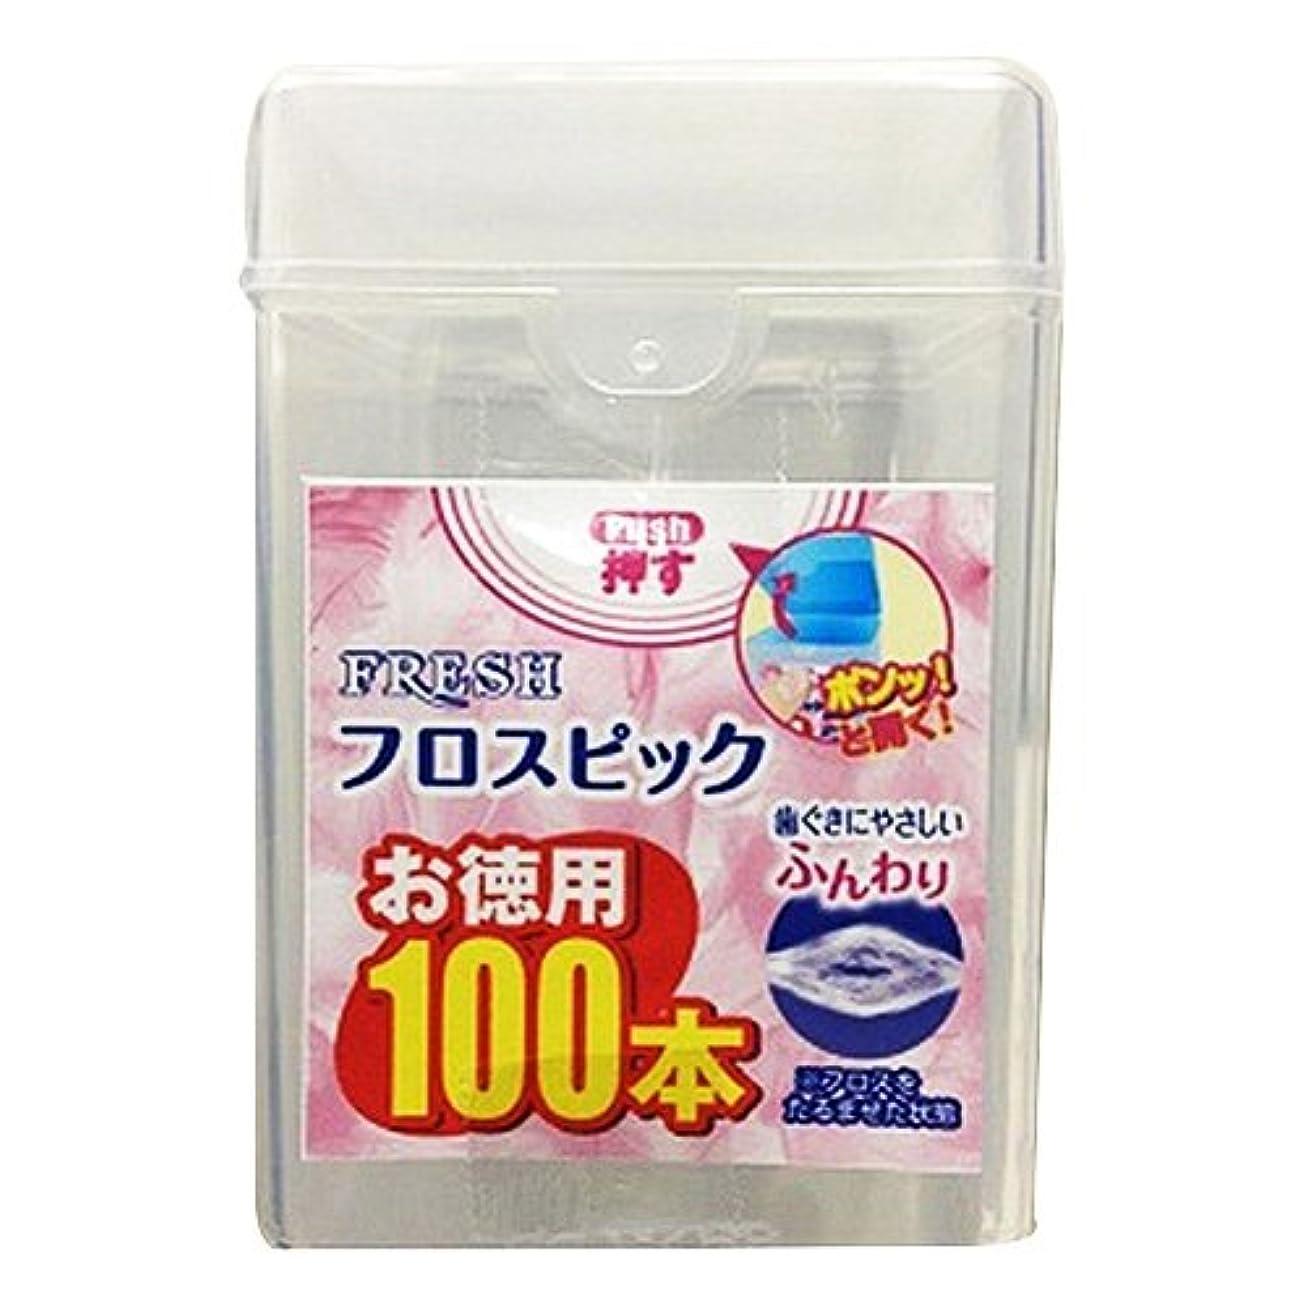 クールバレーボール再現するデンタルプロ フレッシュ フロスピック 100本入